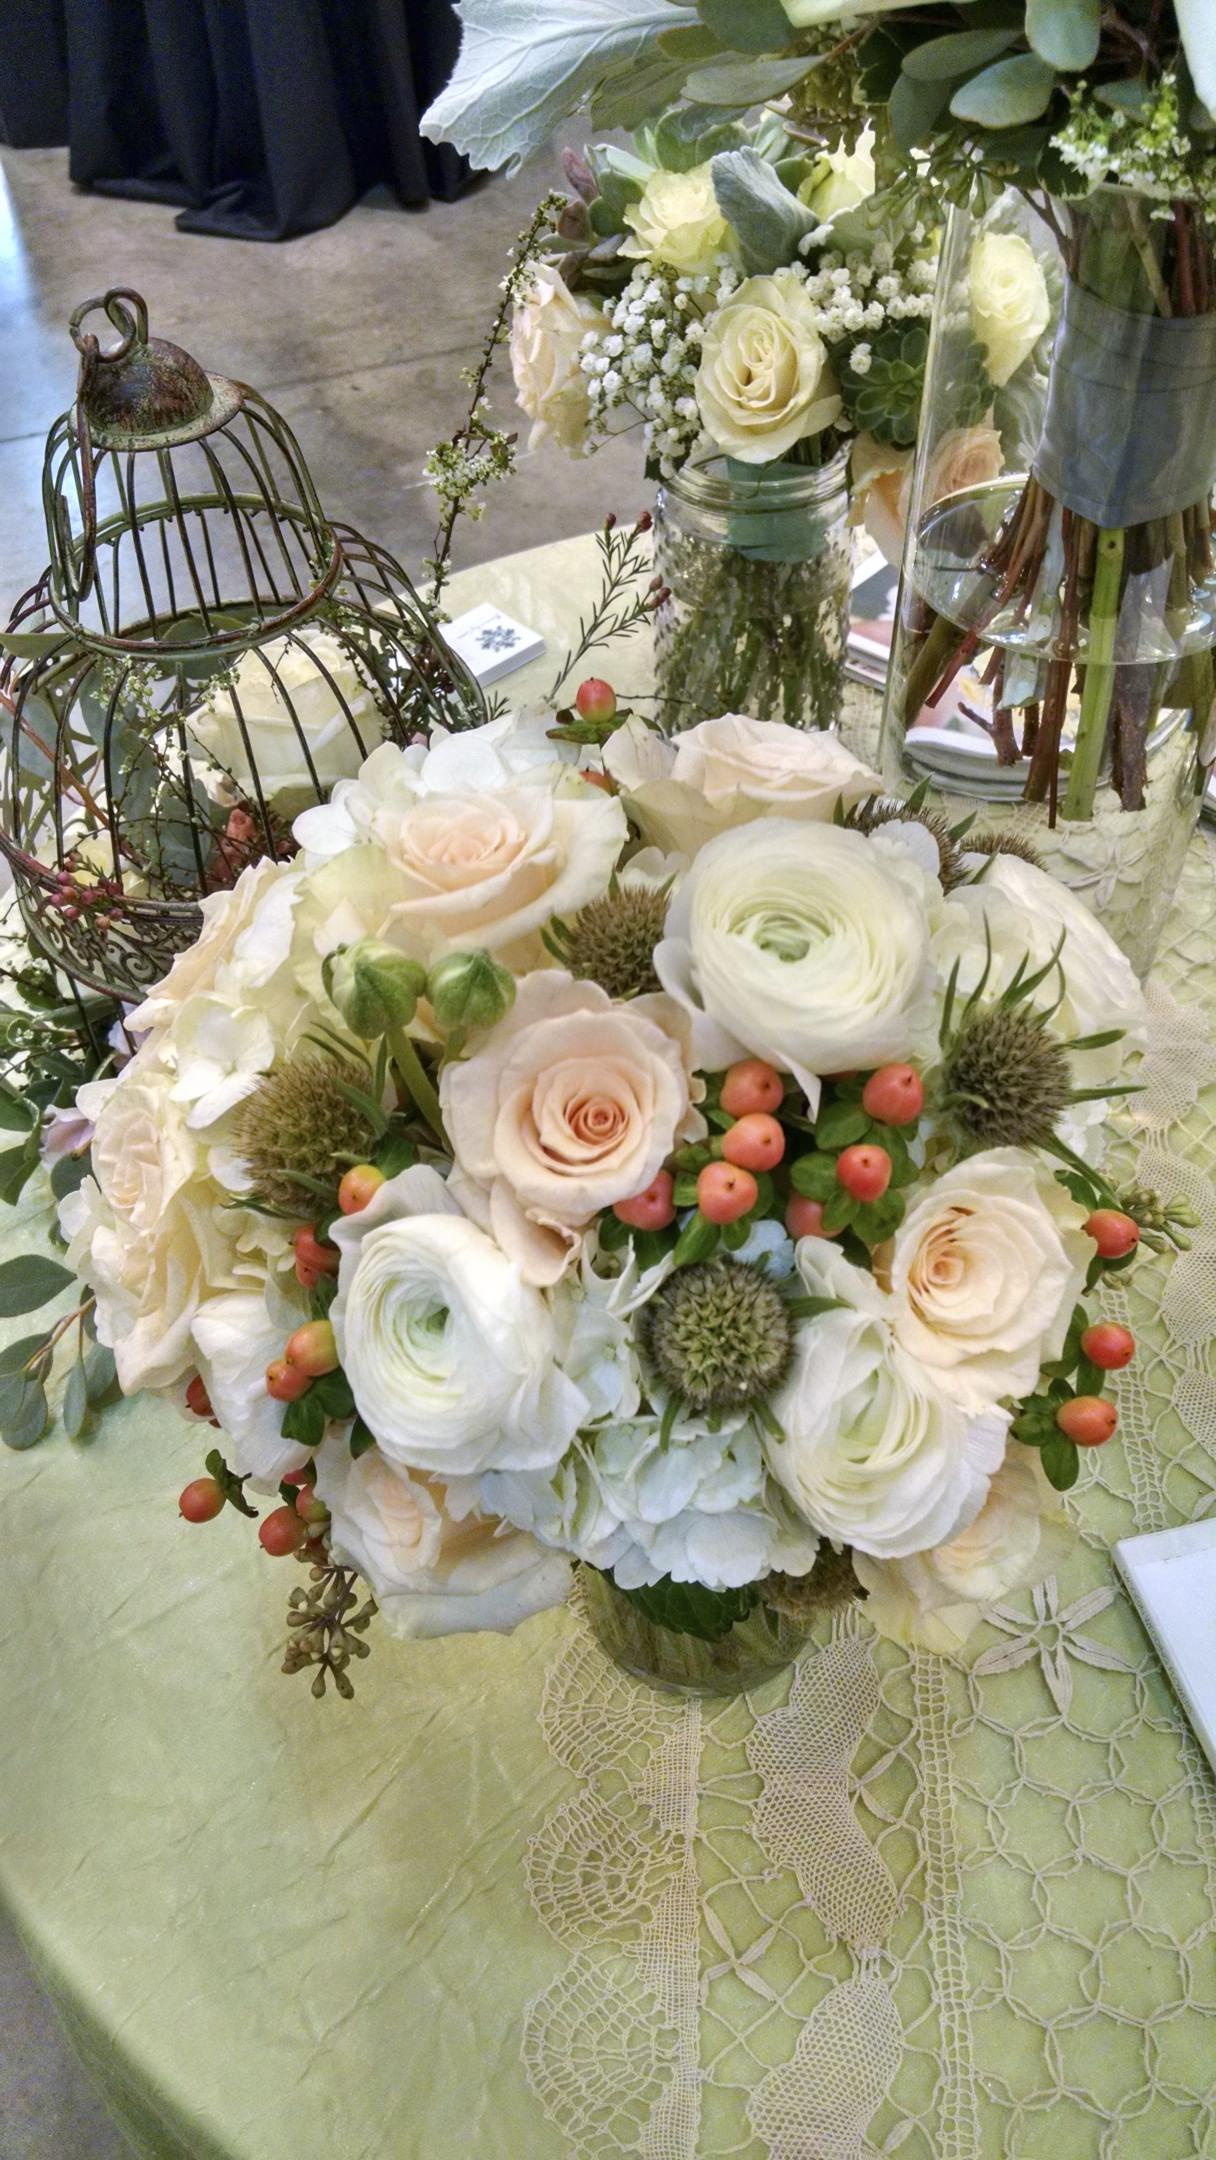 Ranunculus, Roses, Hydrangea, Hypericum